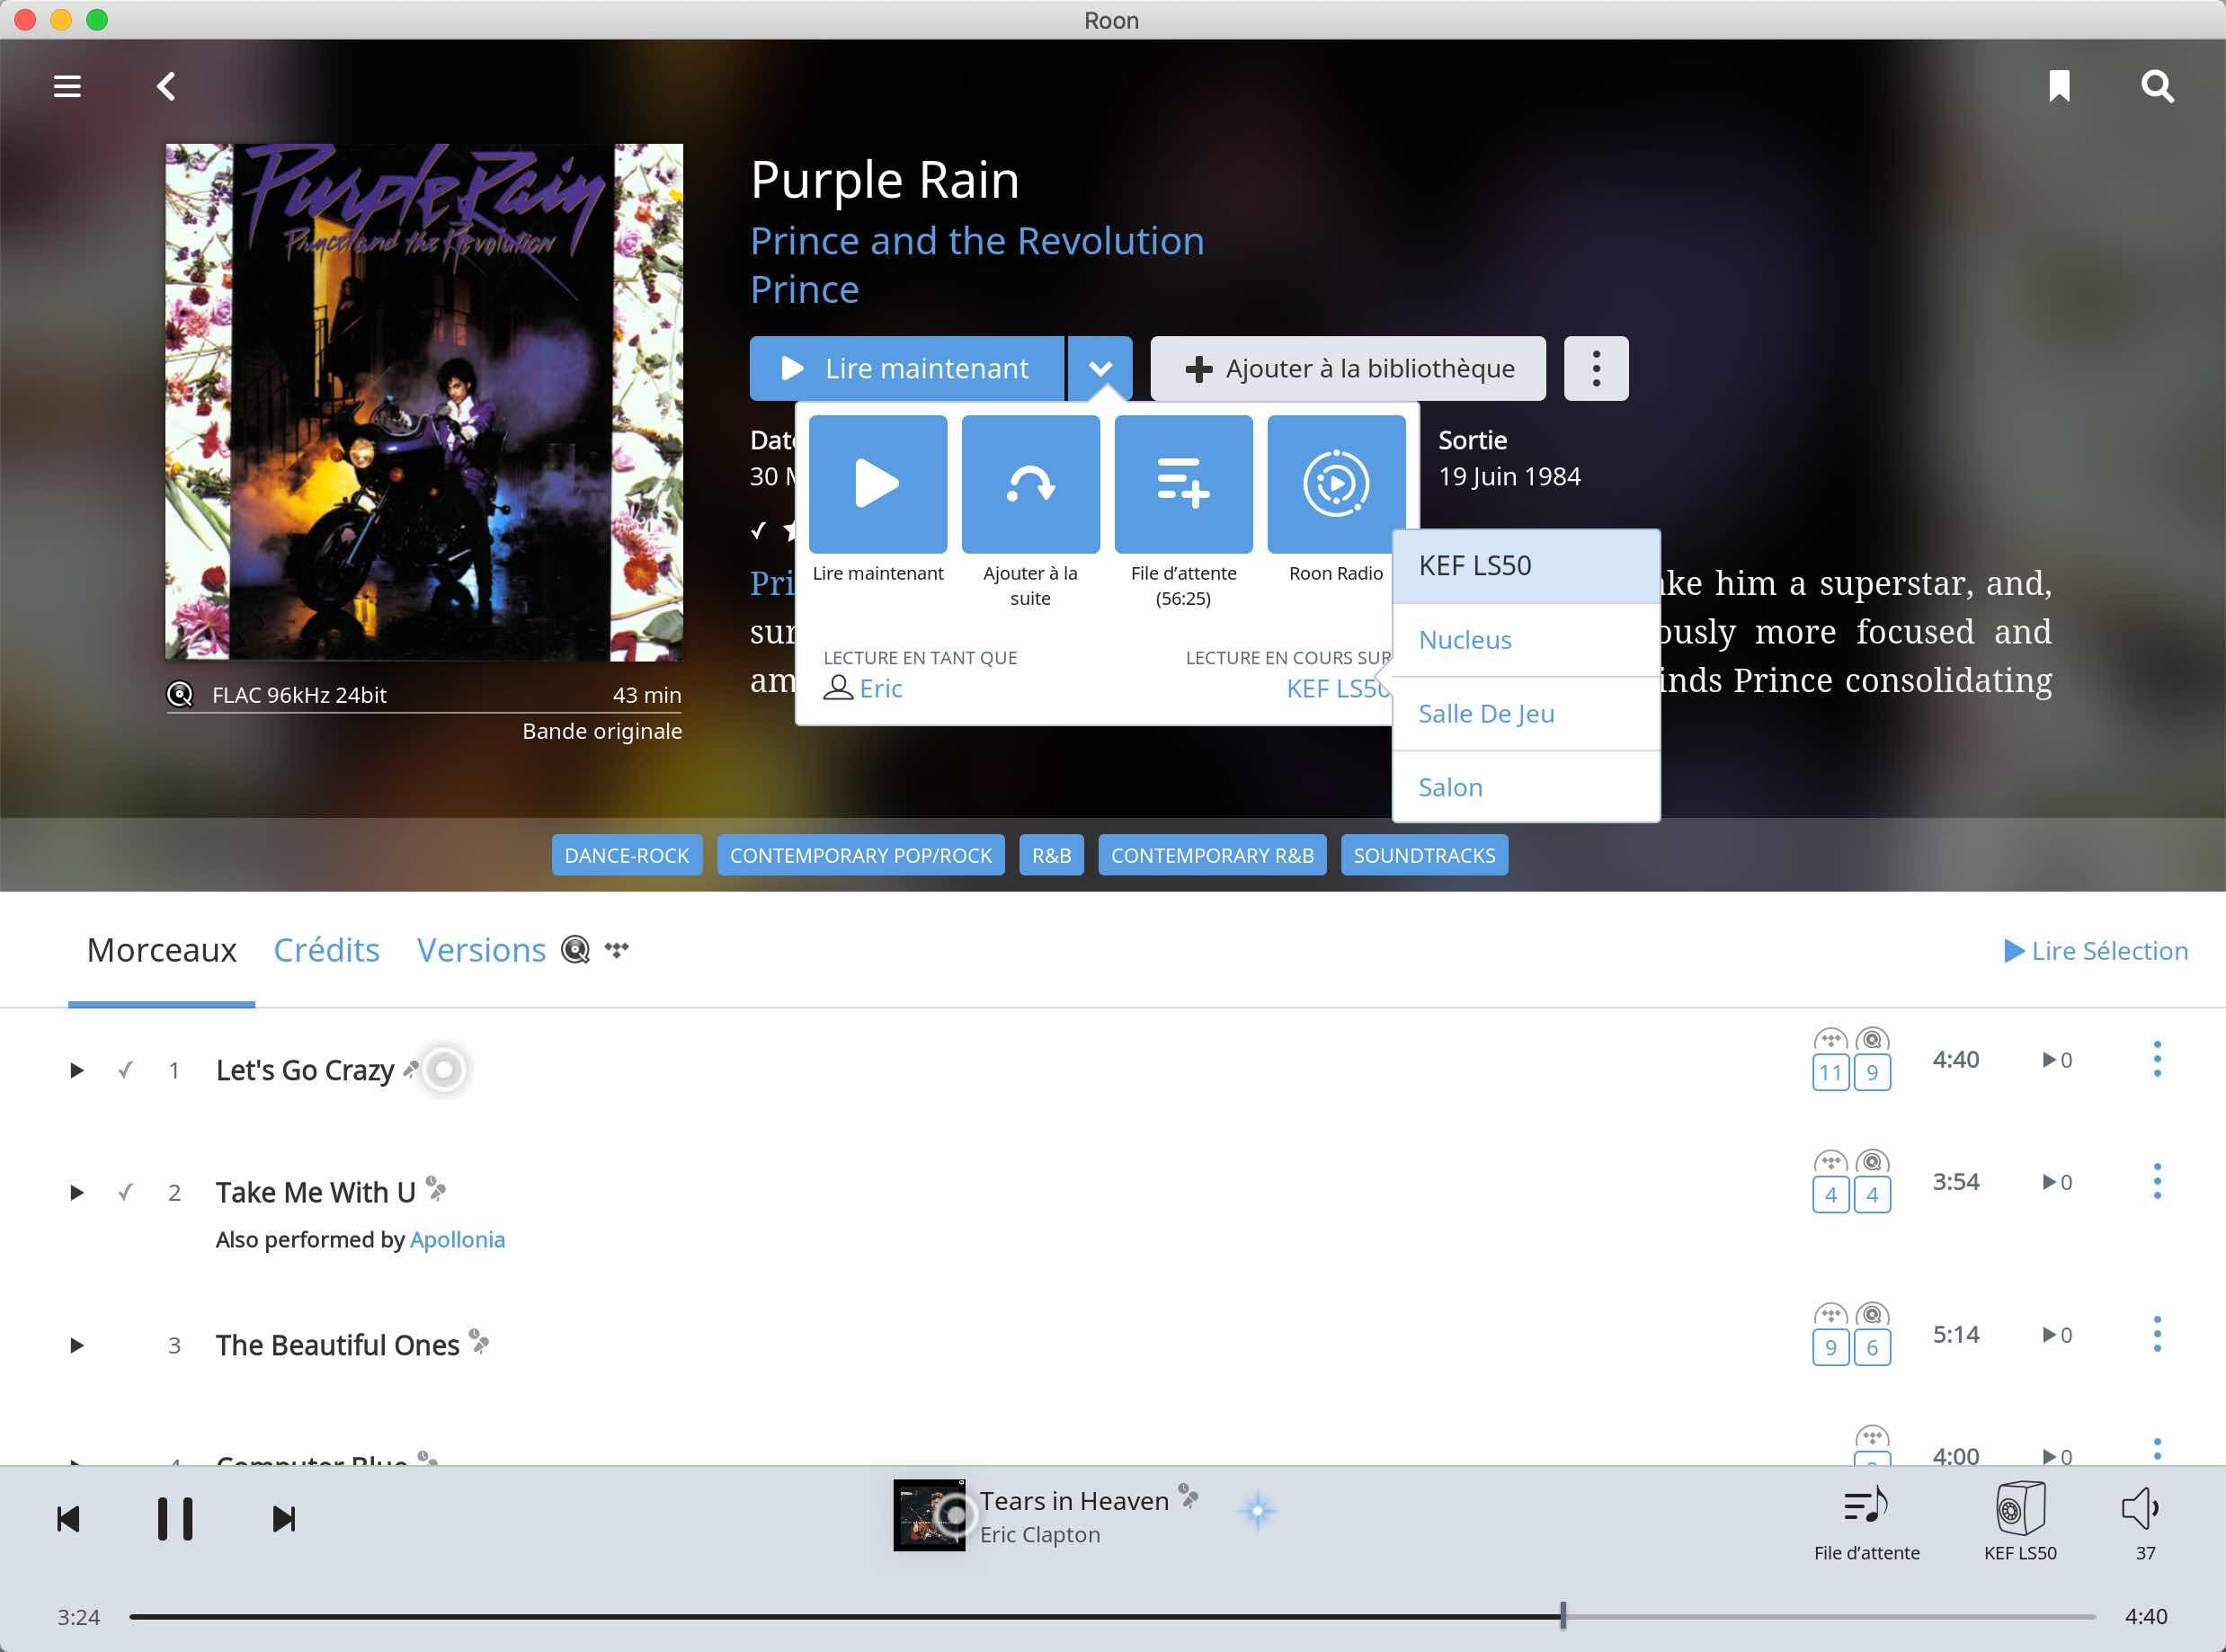 L'application Roon sous MacOS permet de piloter toutes les enceintes connectées et les lecteurs HiFi réseau compatibles Roon : KEF, Bluesound, Sonos, SOtM